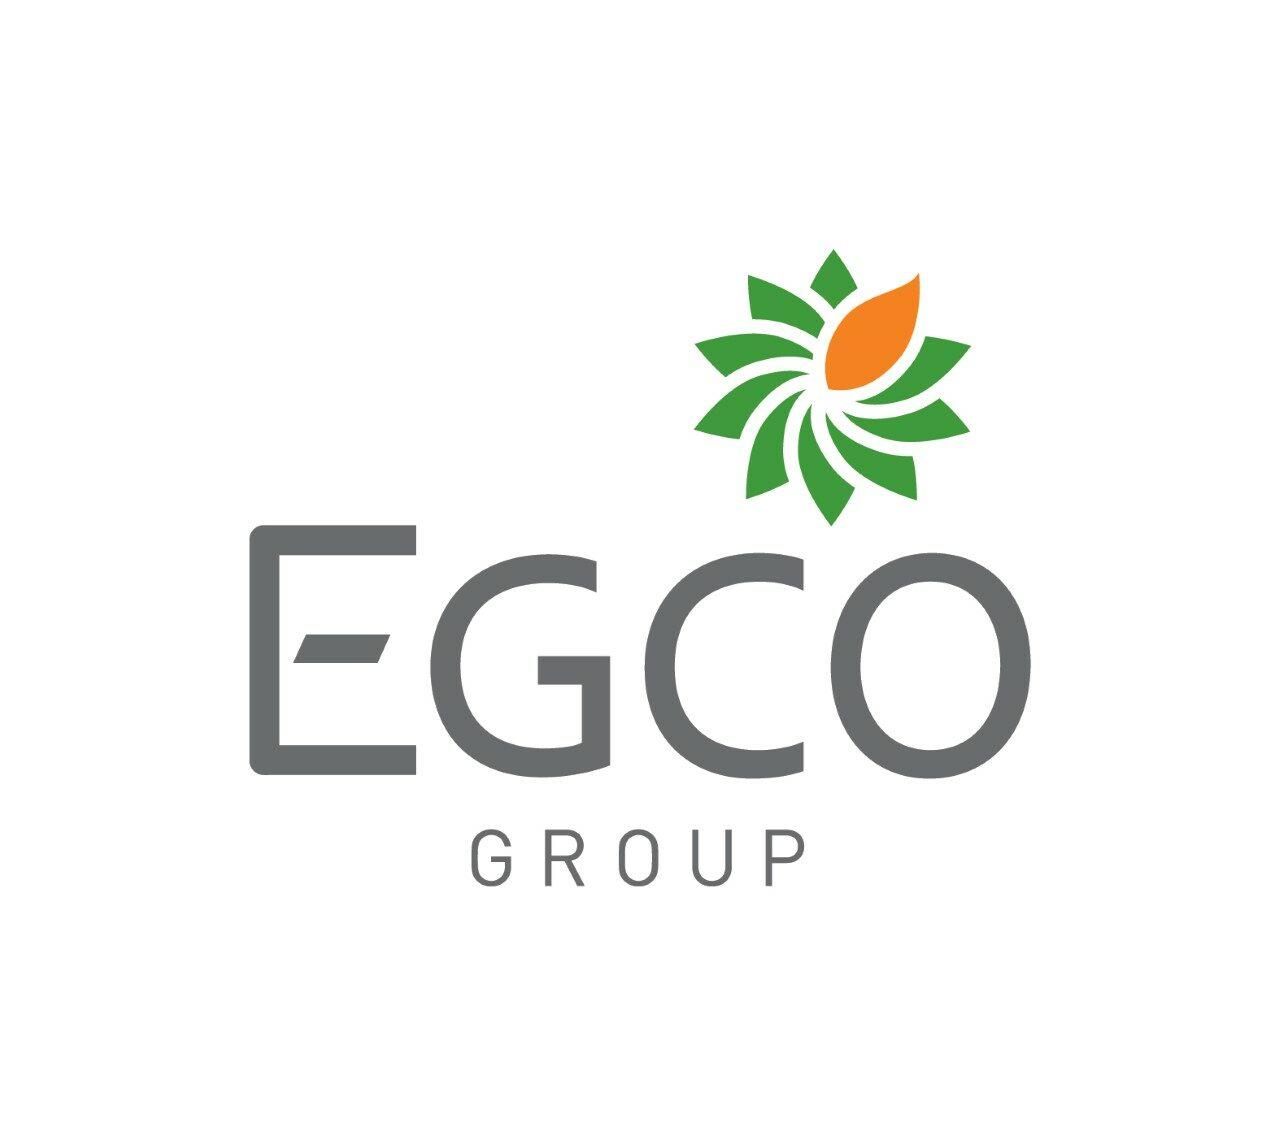 เอ็กโก กรุ๊ป ควัก 1.5 แสนล้าน ขยายพอร์ตพลังงานสะอาด รับเทรนด์โลก